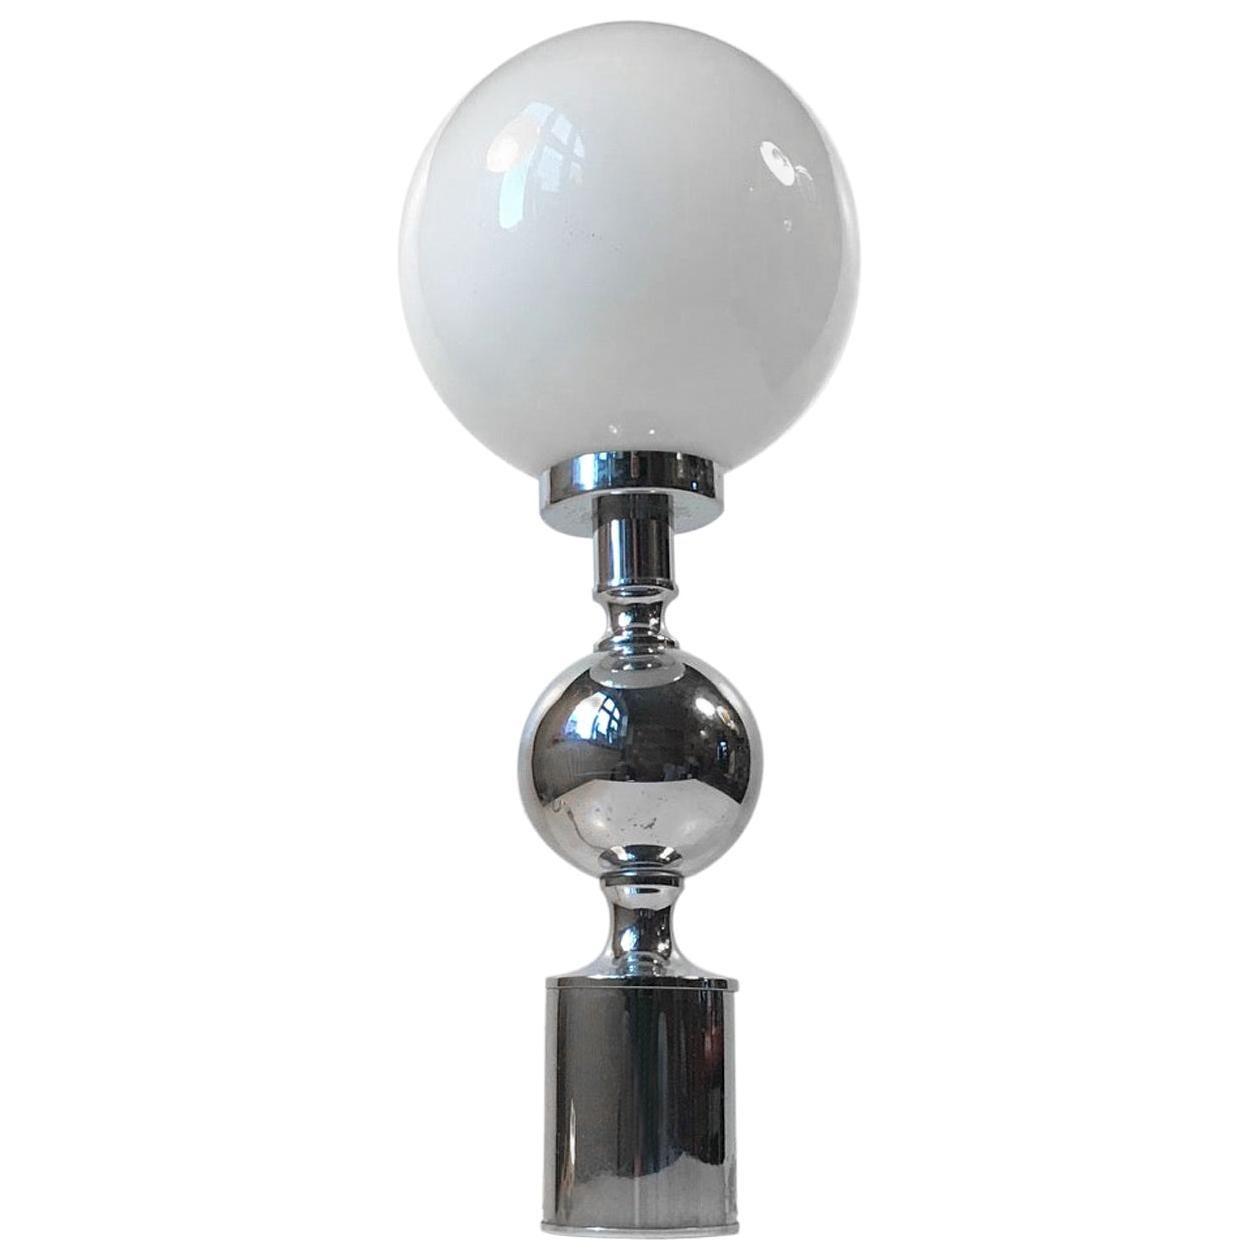 Art Deco Chrome Table Lamp with Sphere by Sölken Leuchten, Germany, 1970s